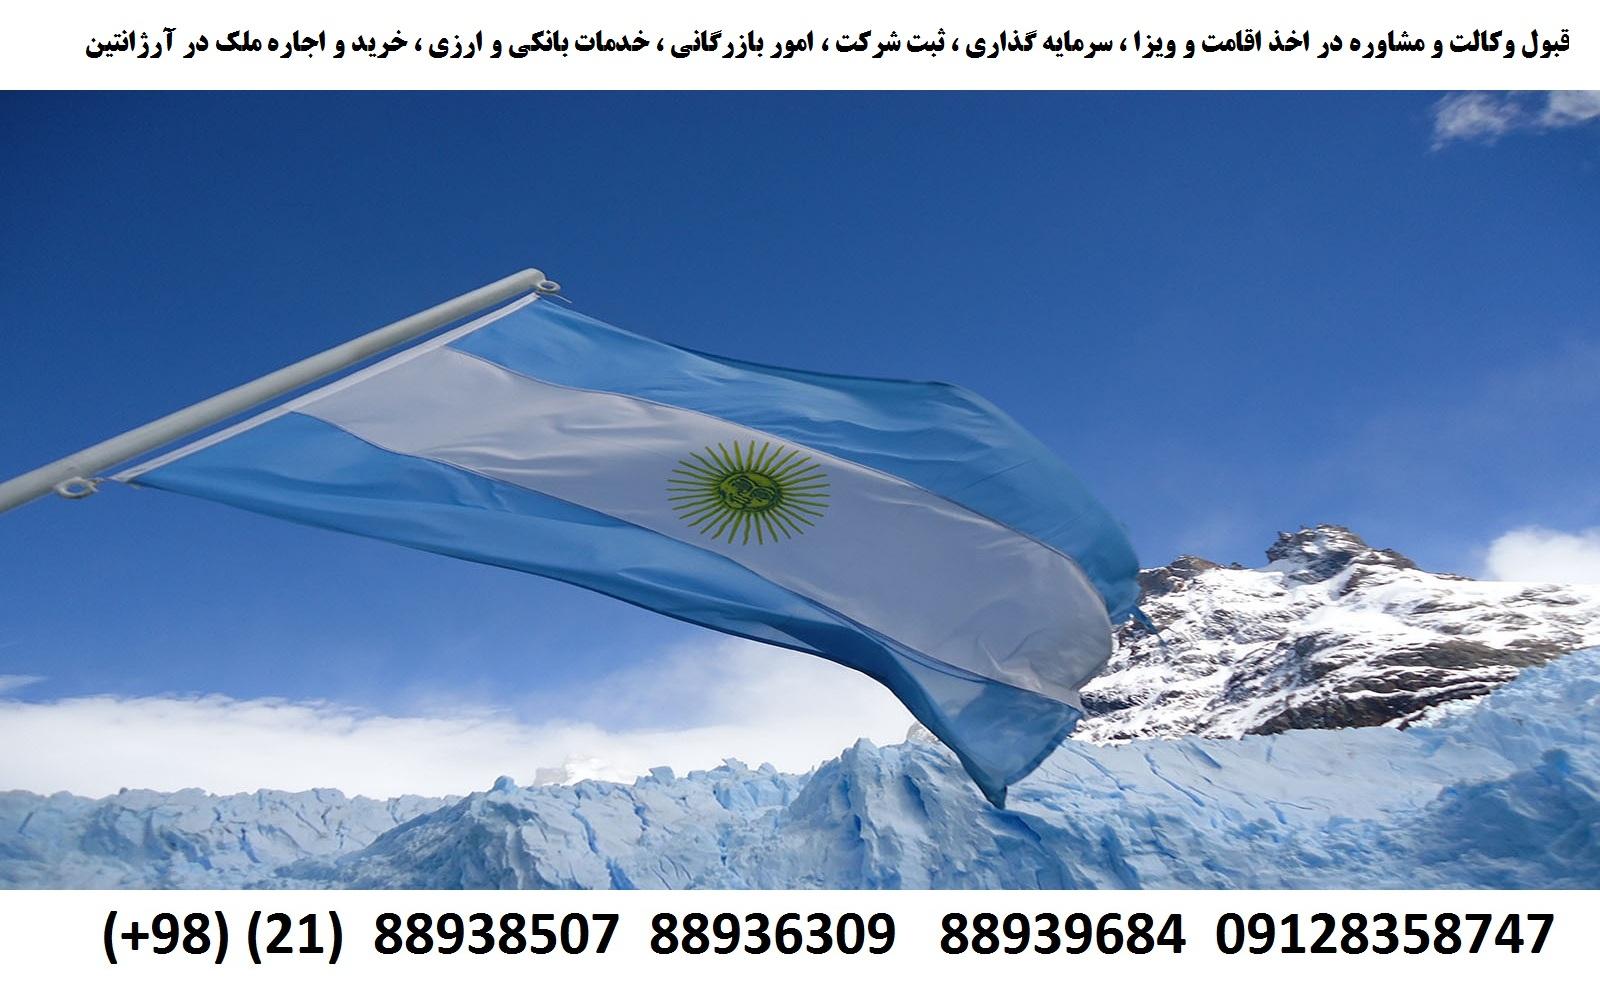 اقامت ، ثبت شرکت ، سرمایه گذاری در آرژانتین (1)